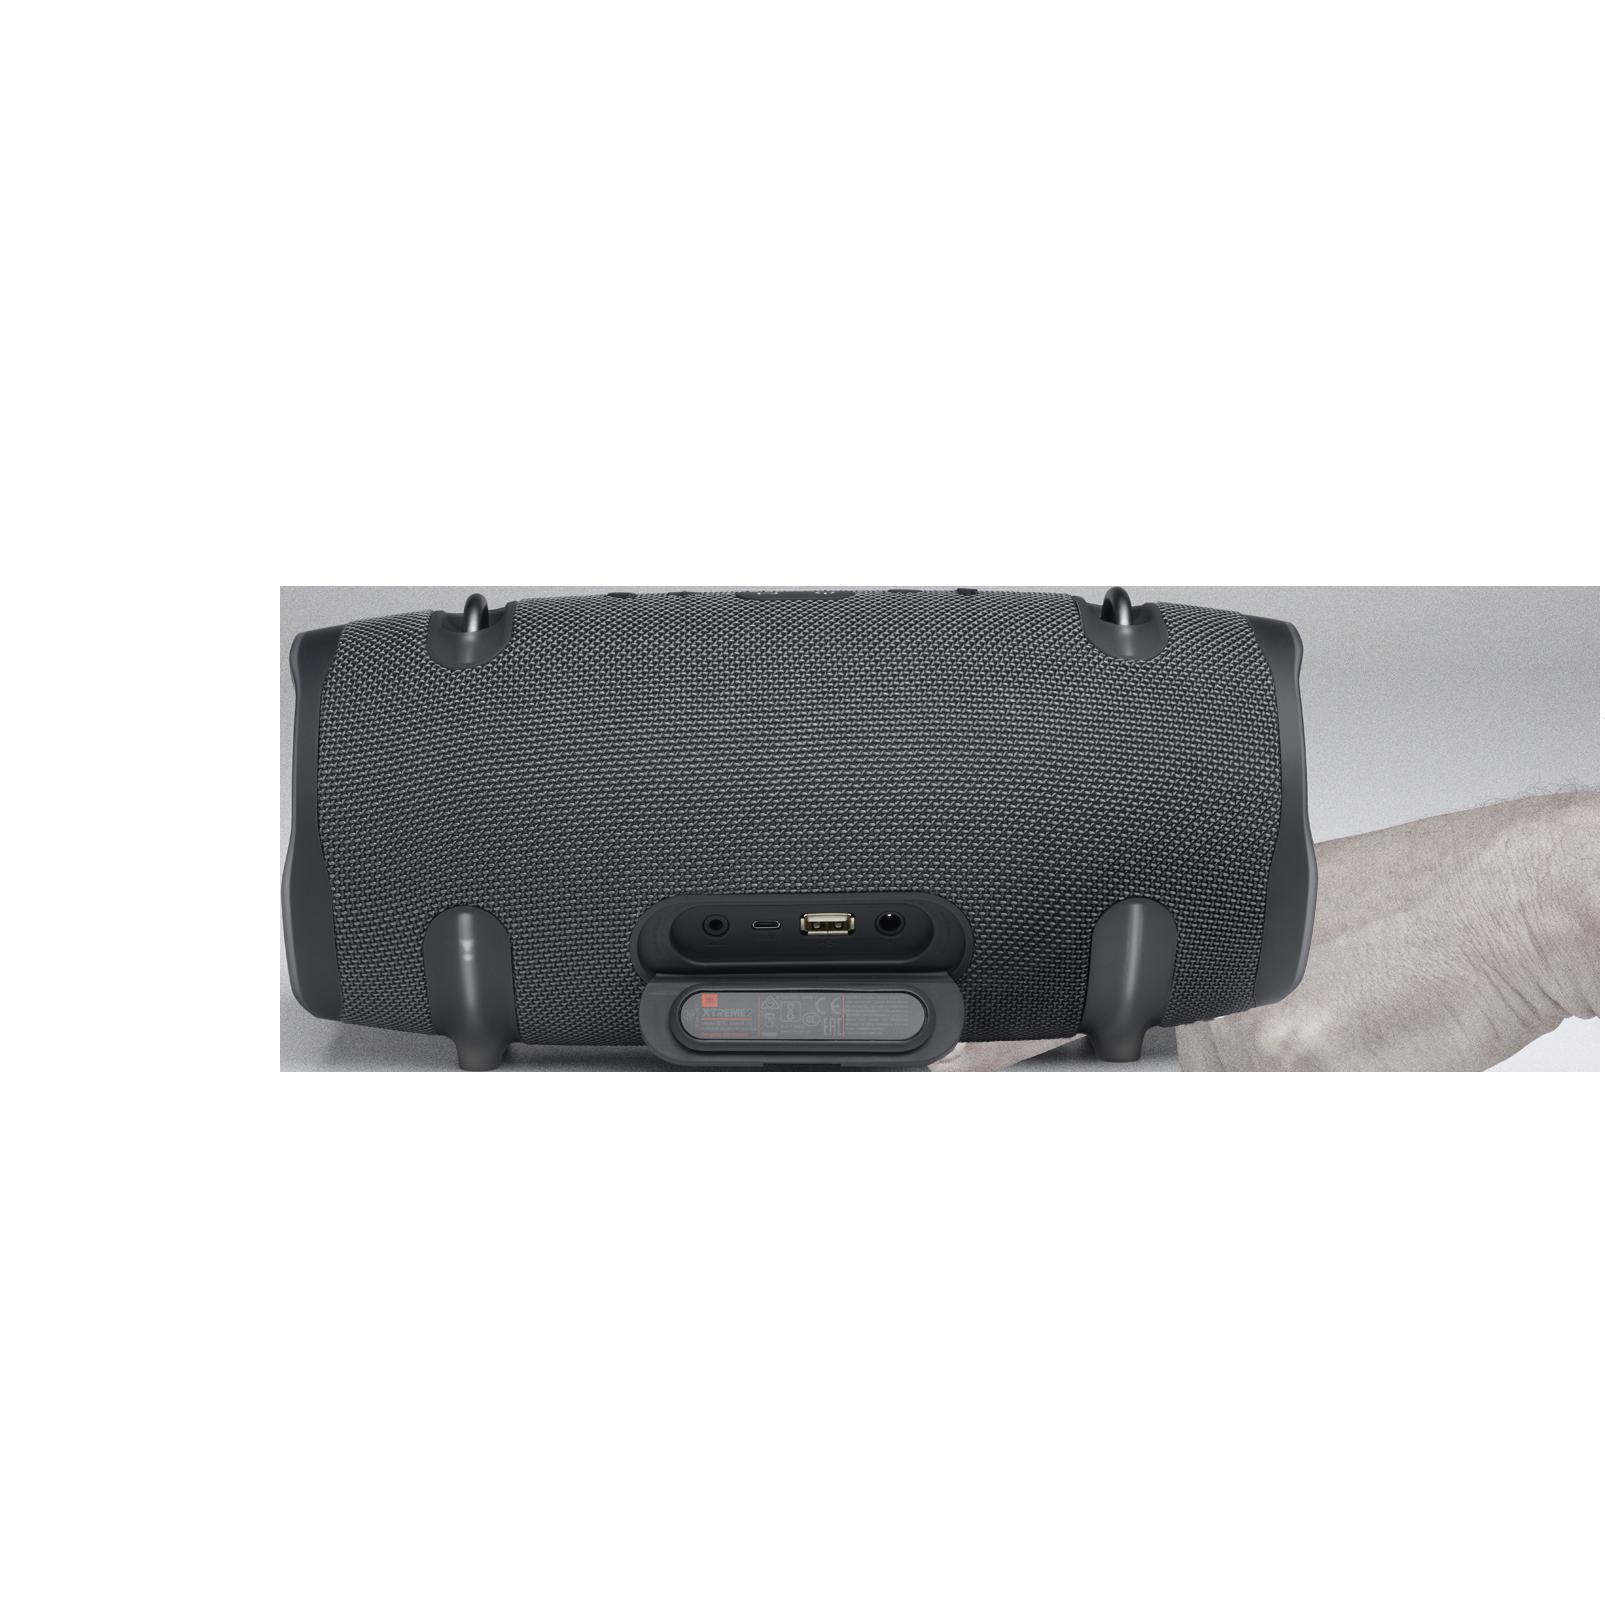 JBL Xtreme 2 Gun Metal - Gun Metal - Portable Bluetooth Speaker - Detailshot 1